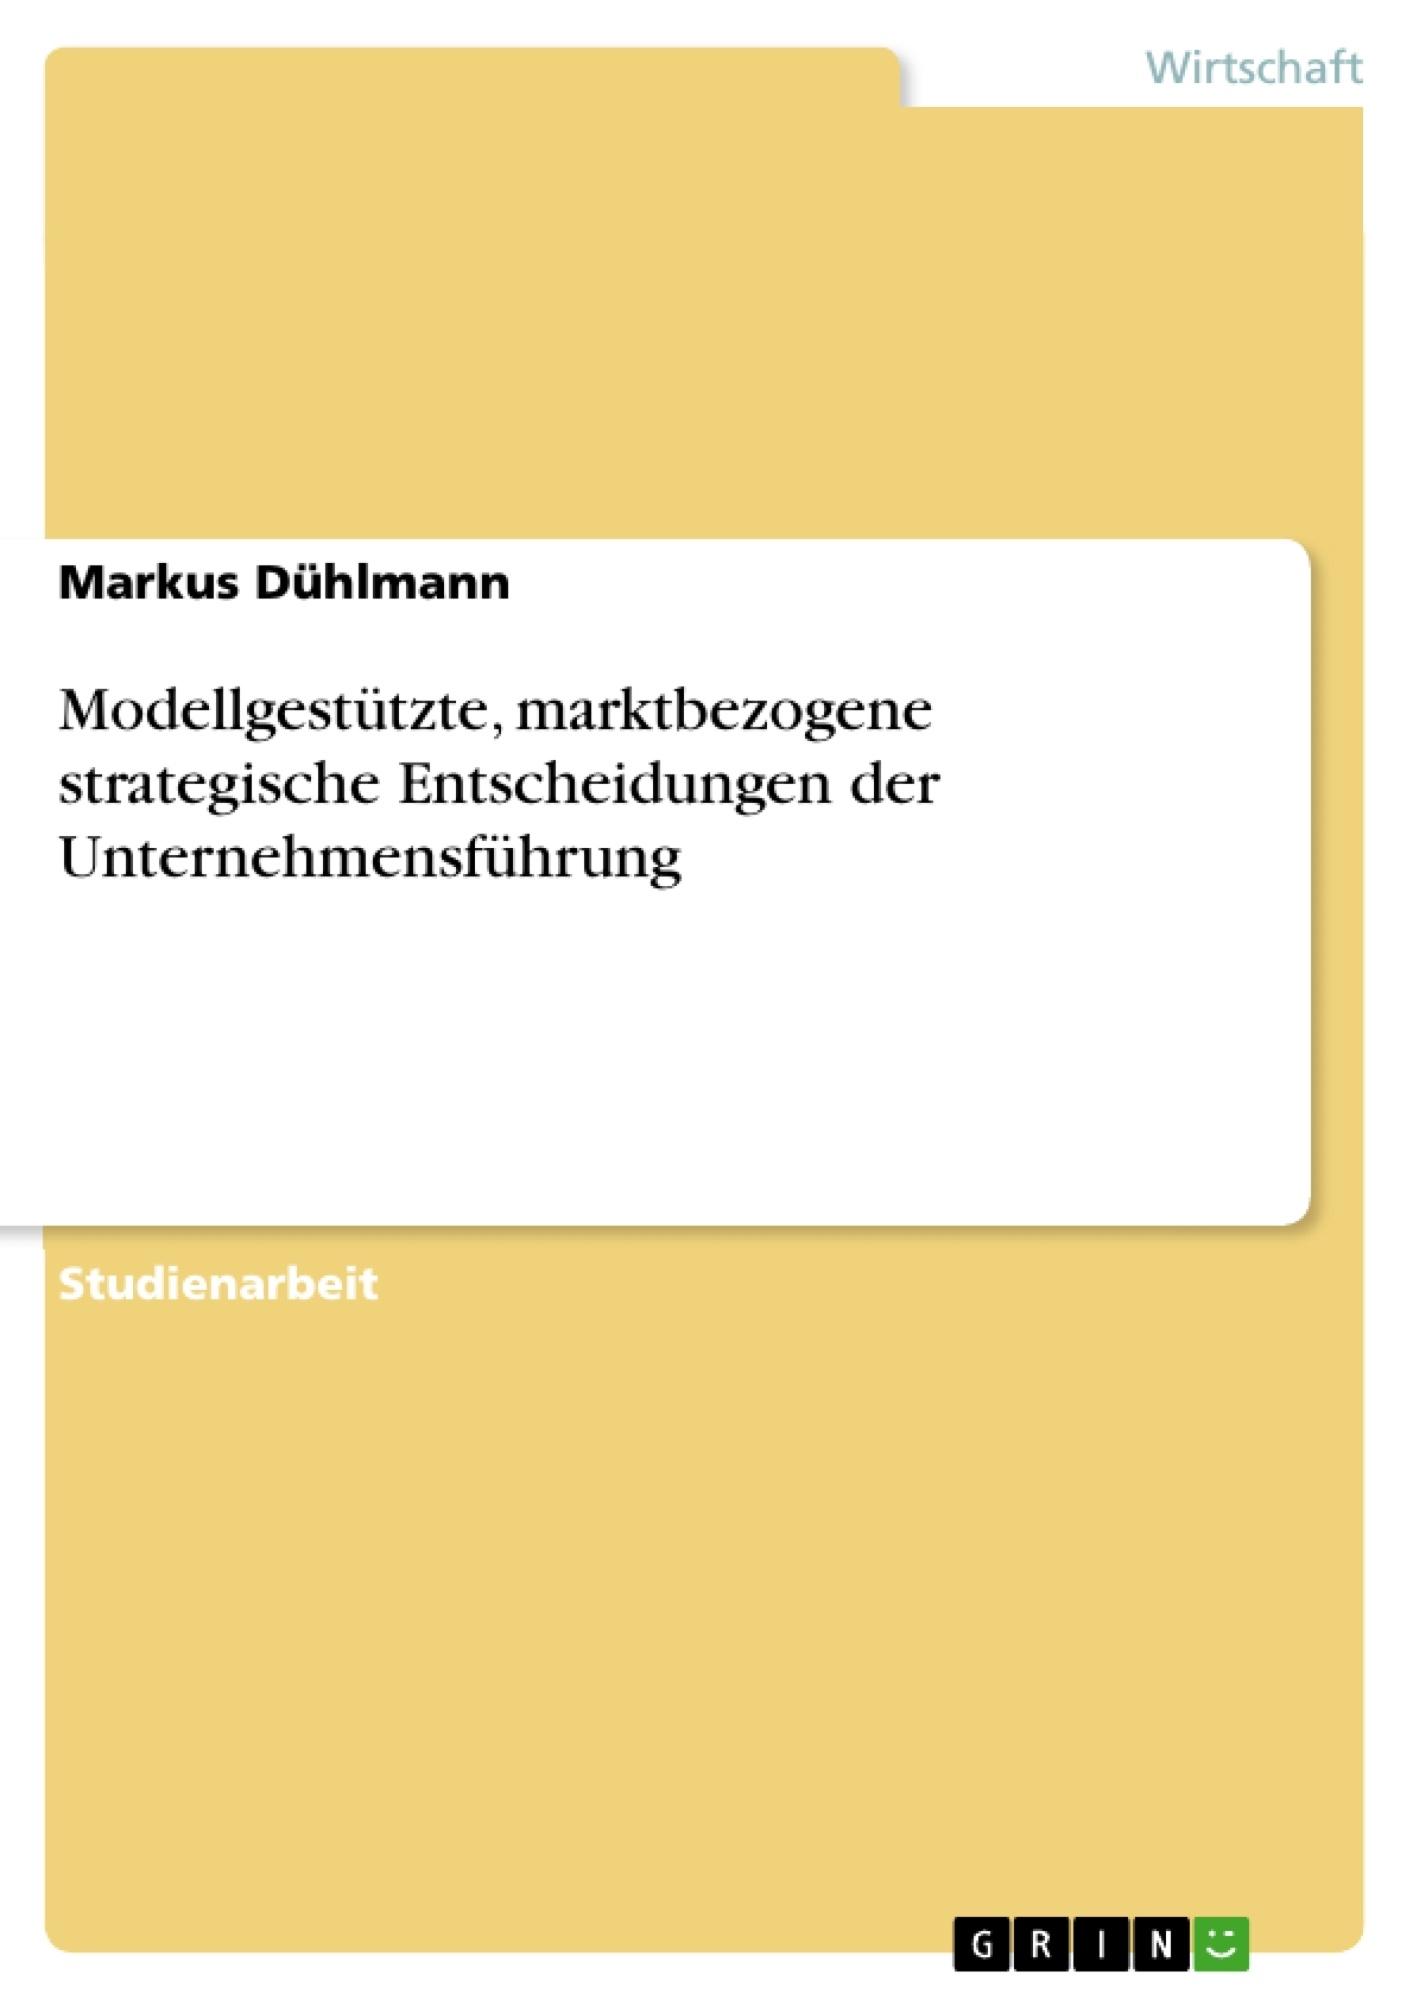 Titel: Modellgestützte, marktbezogene strategische Entscheidungen der Unternehmensführung